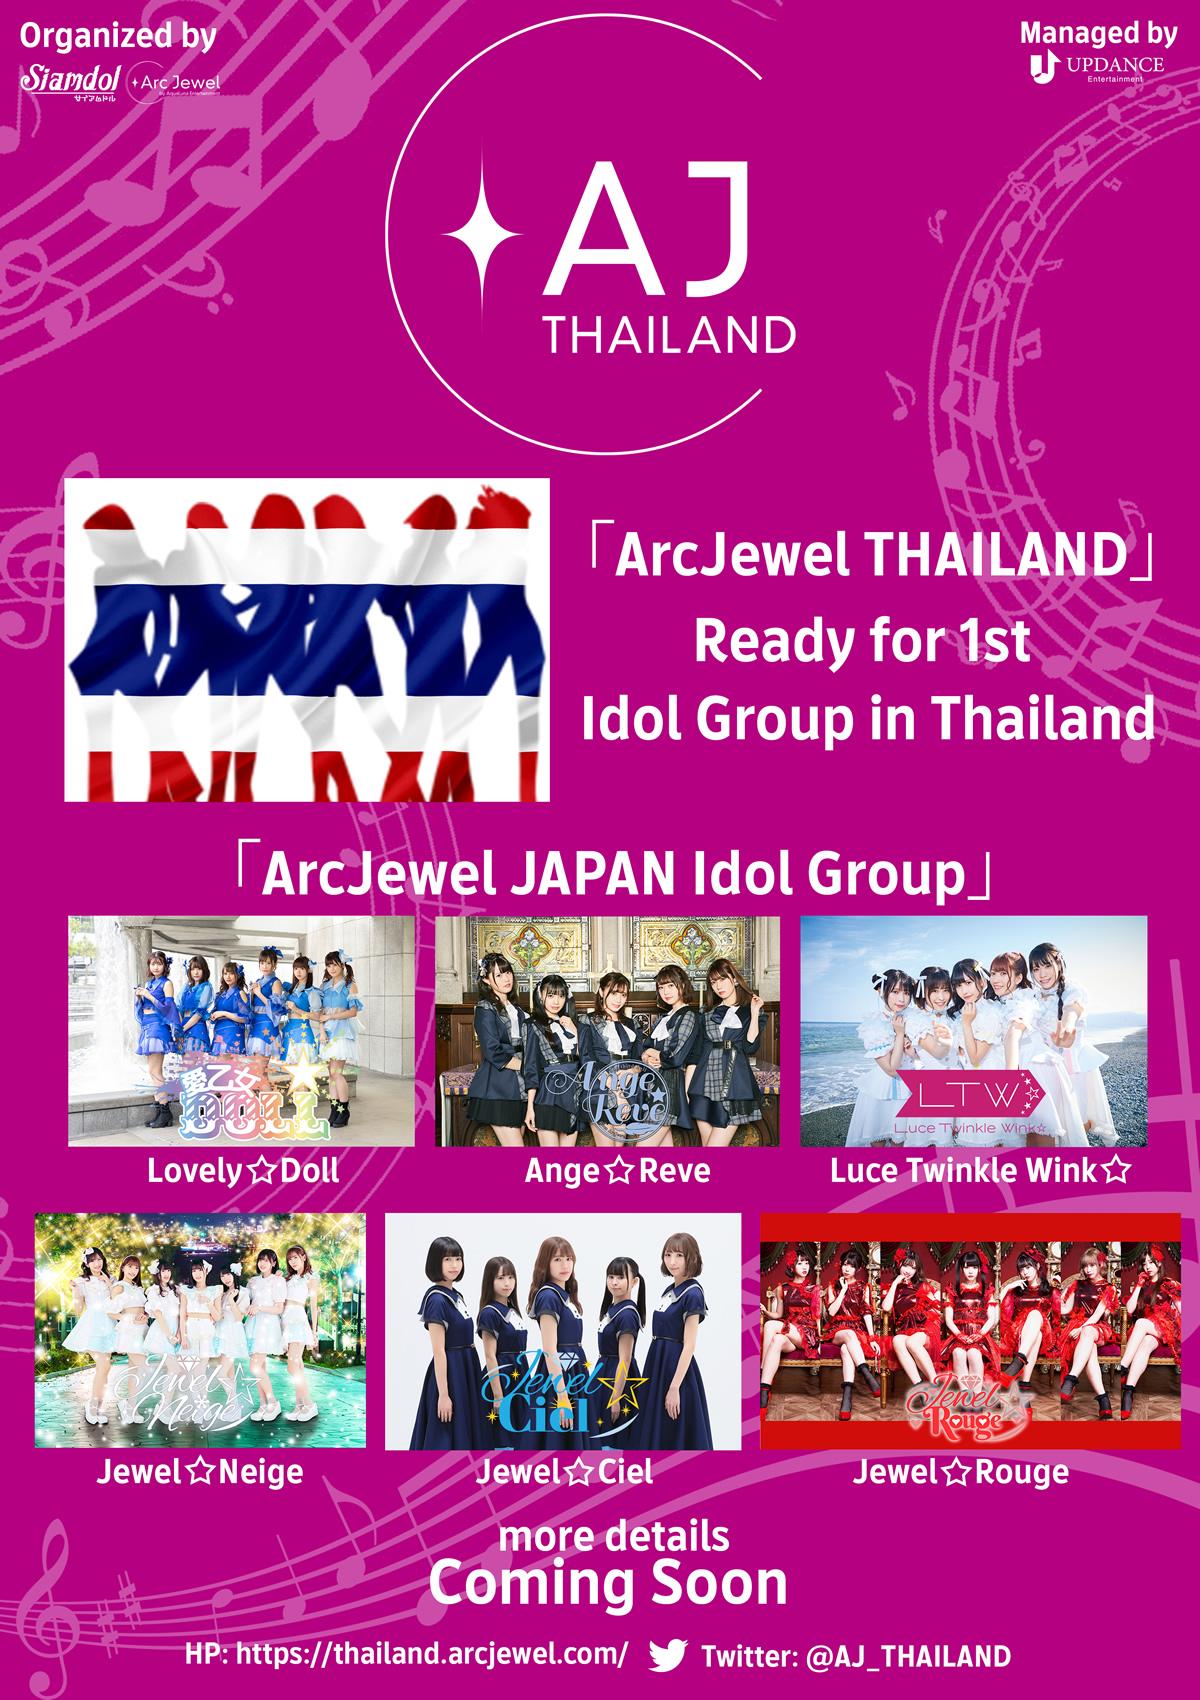 アイドルプロダクション「ArcJewel」が タイ進出、メンバー募集オーディション開催へ